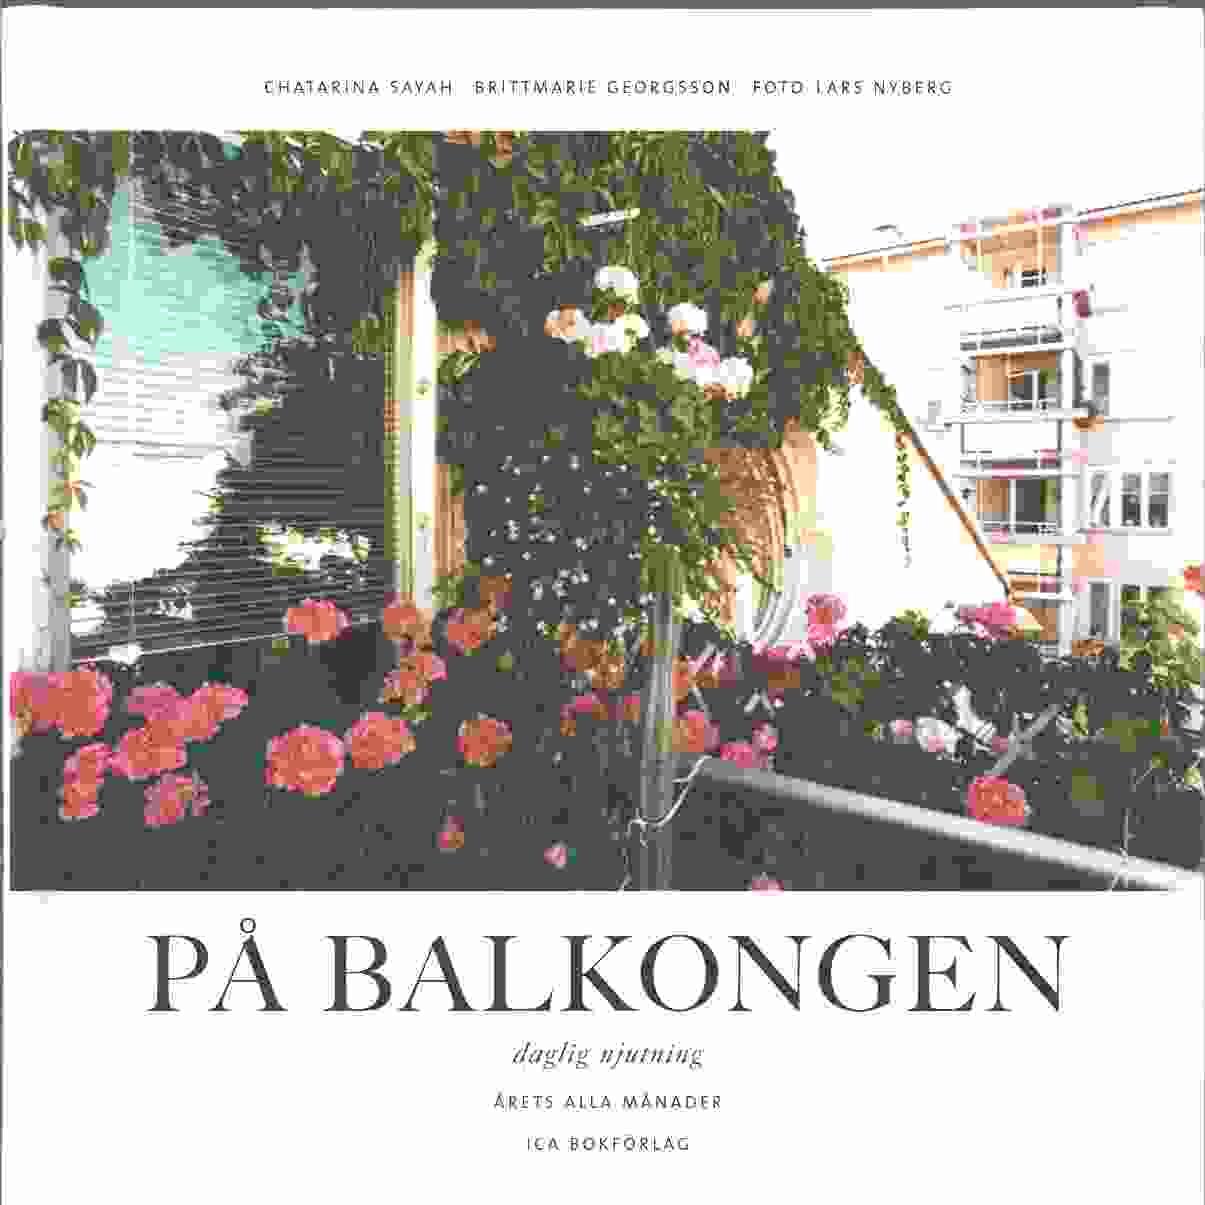 På balkongen : daglig njutning - Sayah, Chatarina och Georgsson, Brittmarie